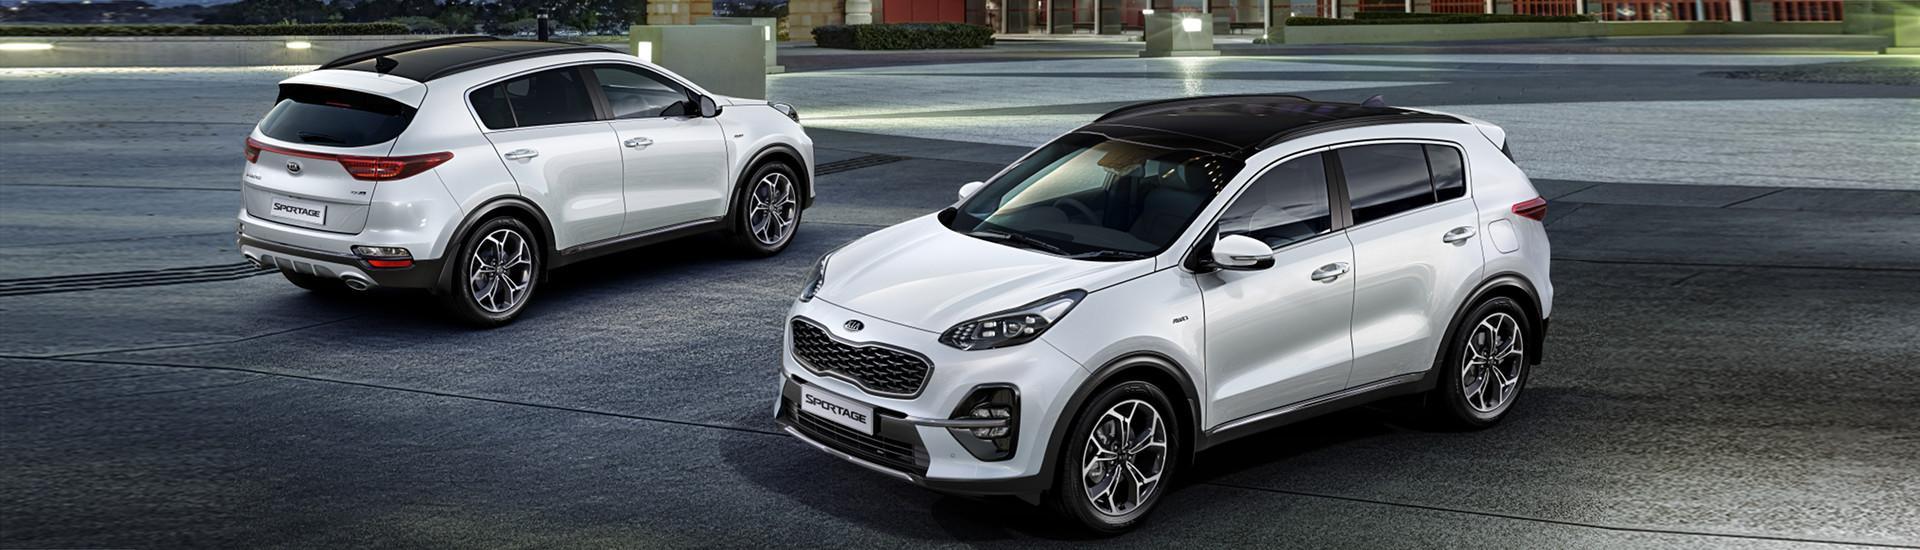 New Kia Cars For Sale In Australia Carsales Com Au